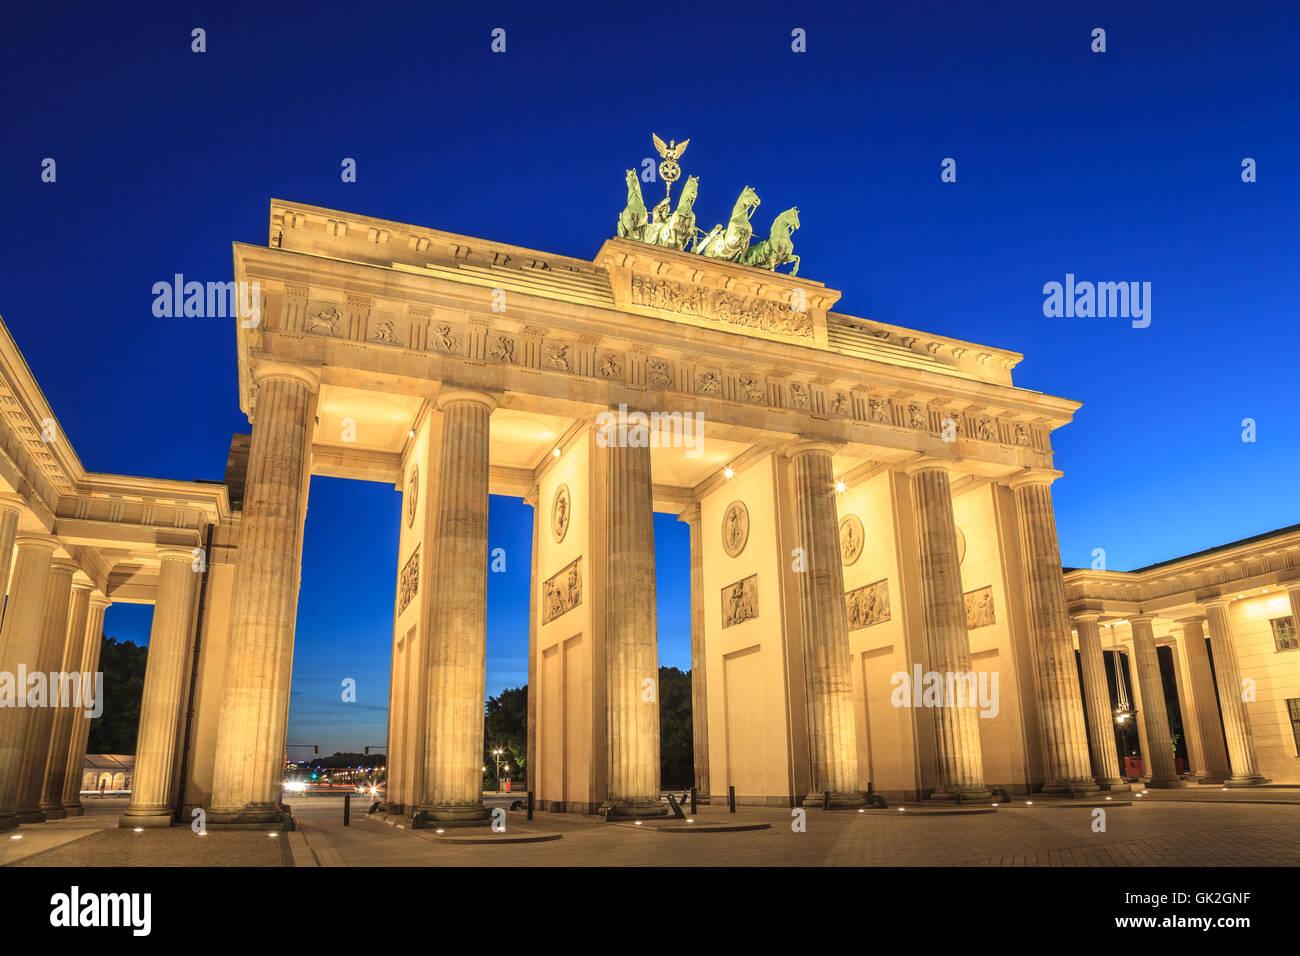 Puerta de Brandenburgo de noche, Berlín, Alemania Imagen De Stock